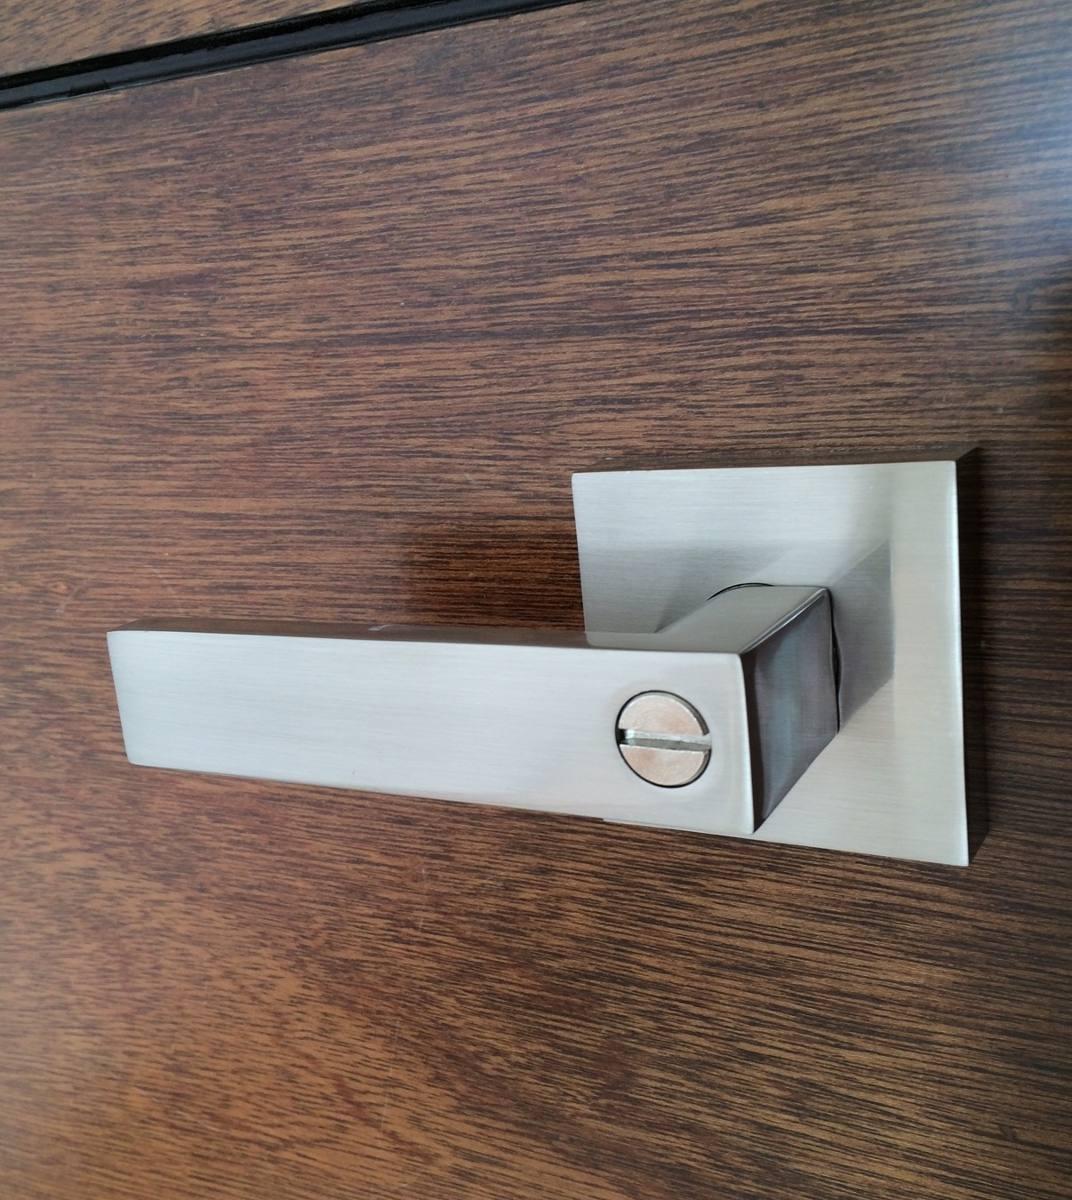 Chapa barata o cerradura para recamara o ba o for Cerradura para puerta de bano